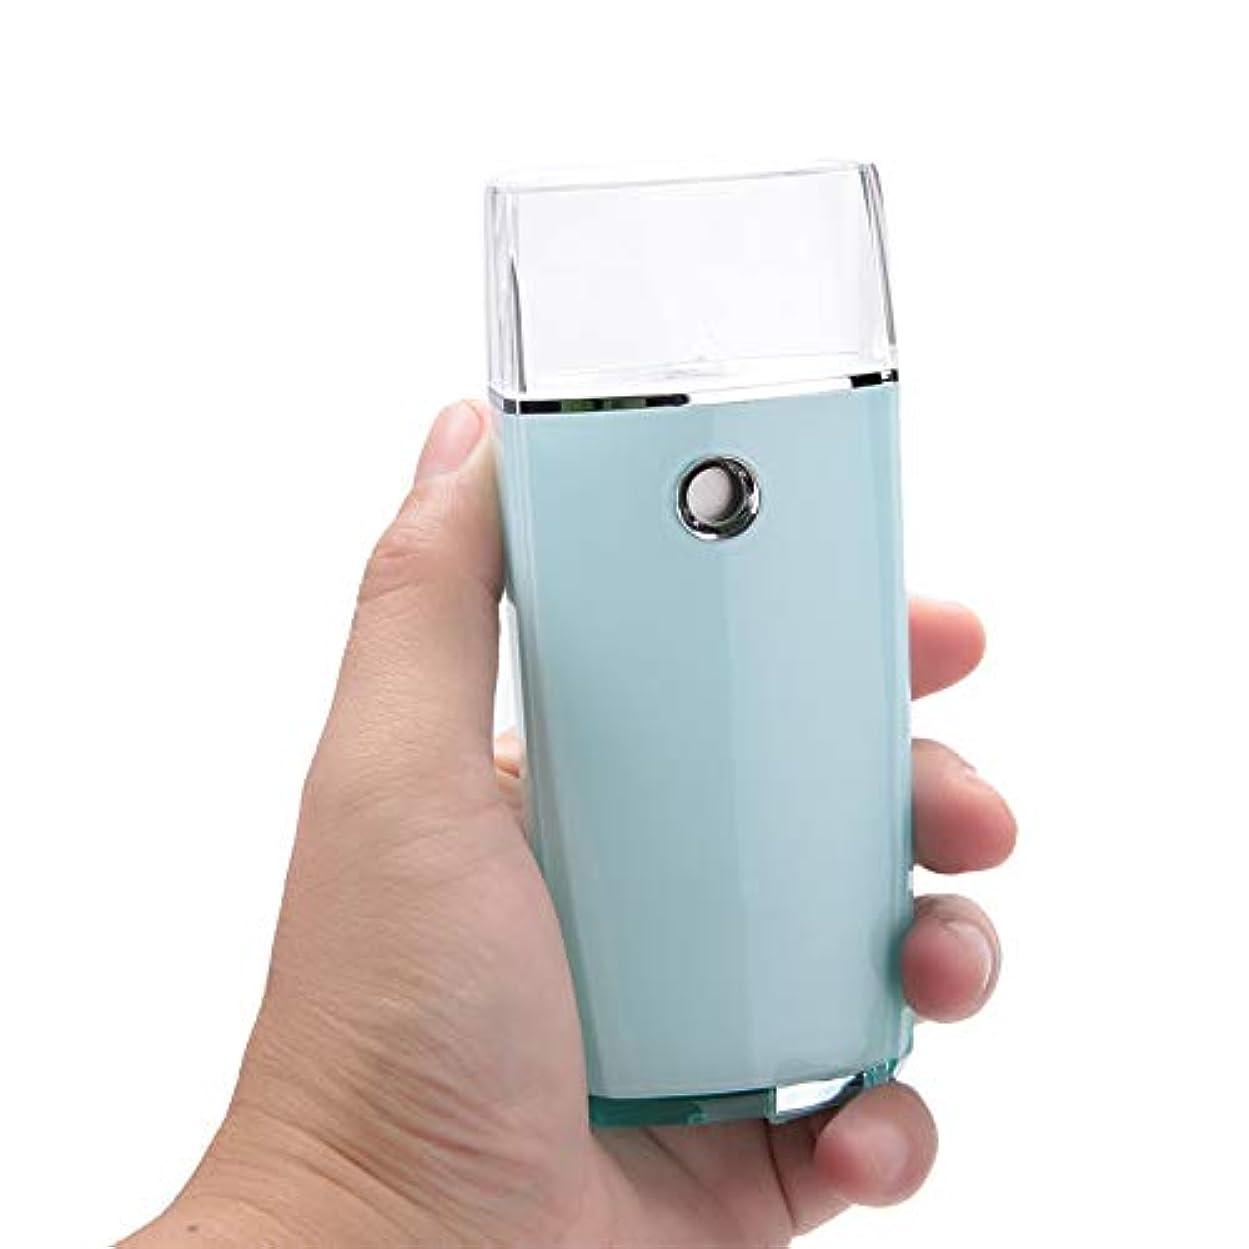 カスケードポジションファントムフェイスミスト噴霧器、18mlナノミスト噴霧器ハンディアトマイゼーションマシンポータブルフェイスモイスチャライジングハイドレーションリフレッシュ、軽量(緑)